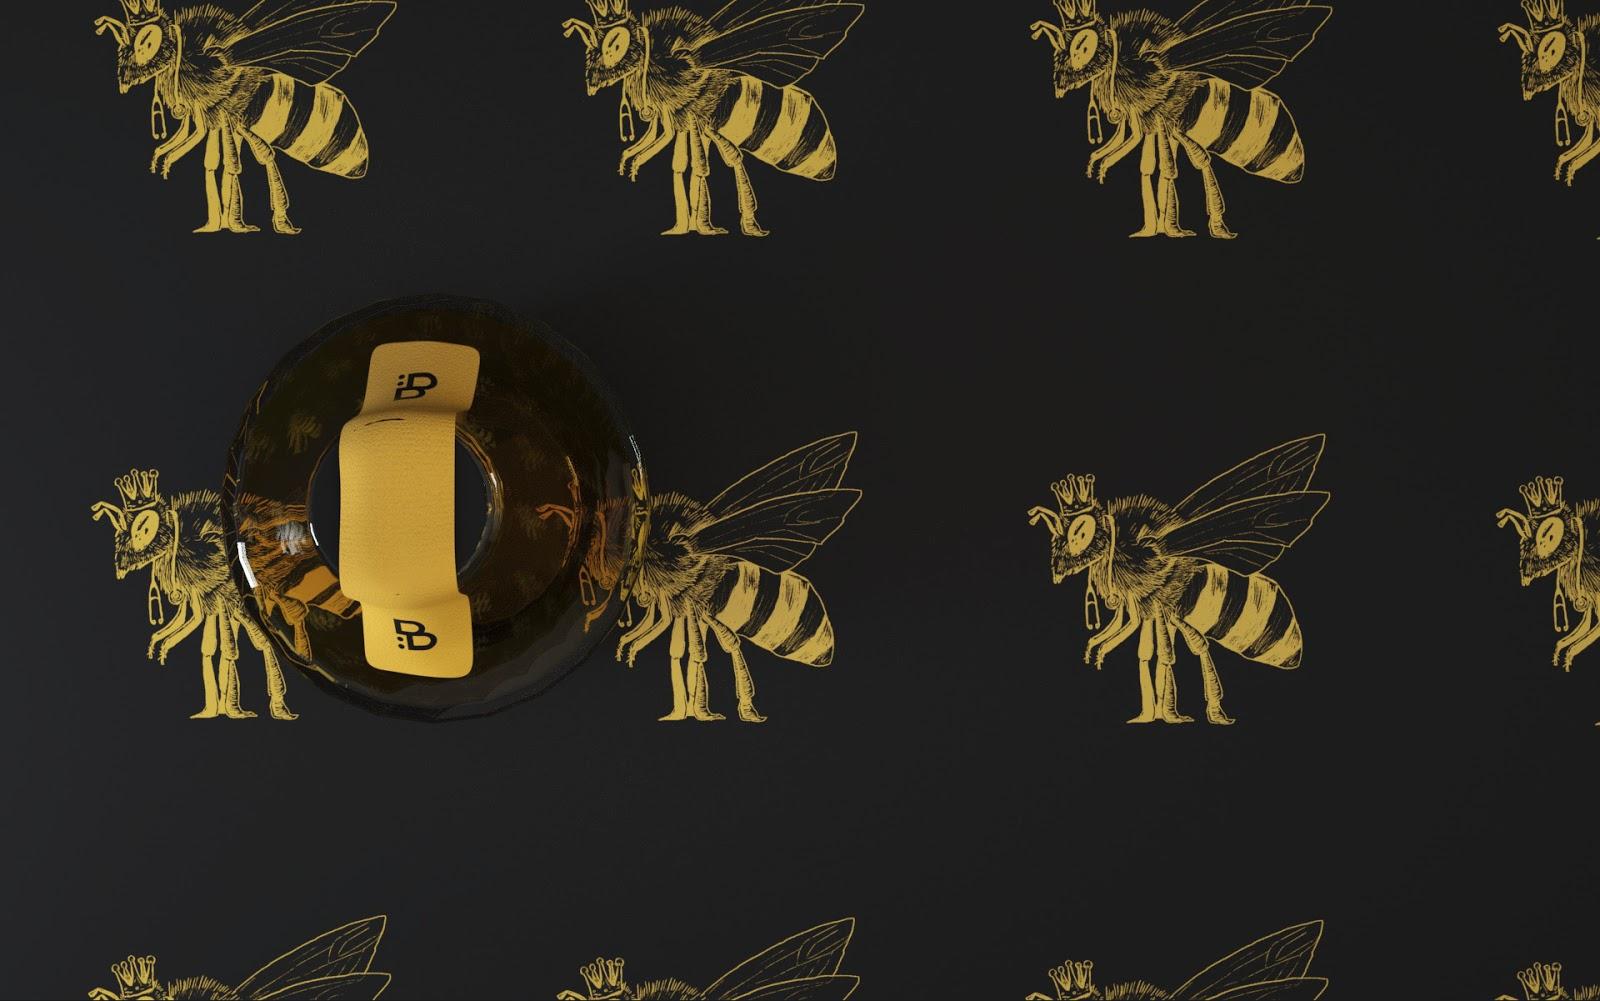 B蜂蜜概念包装设计